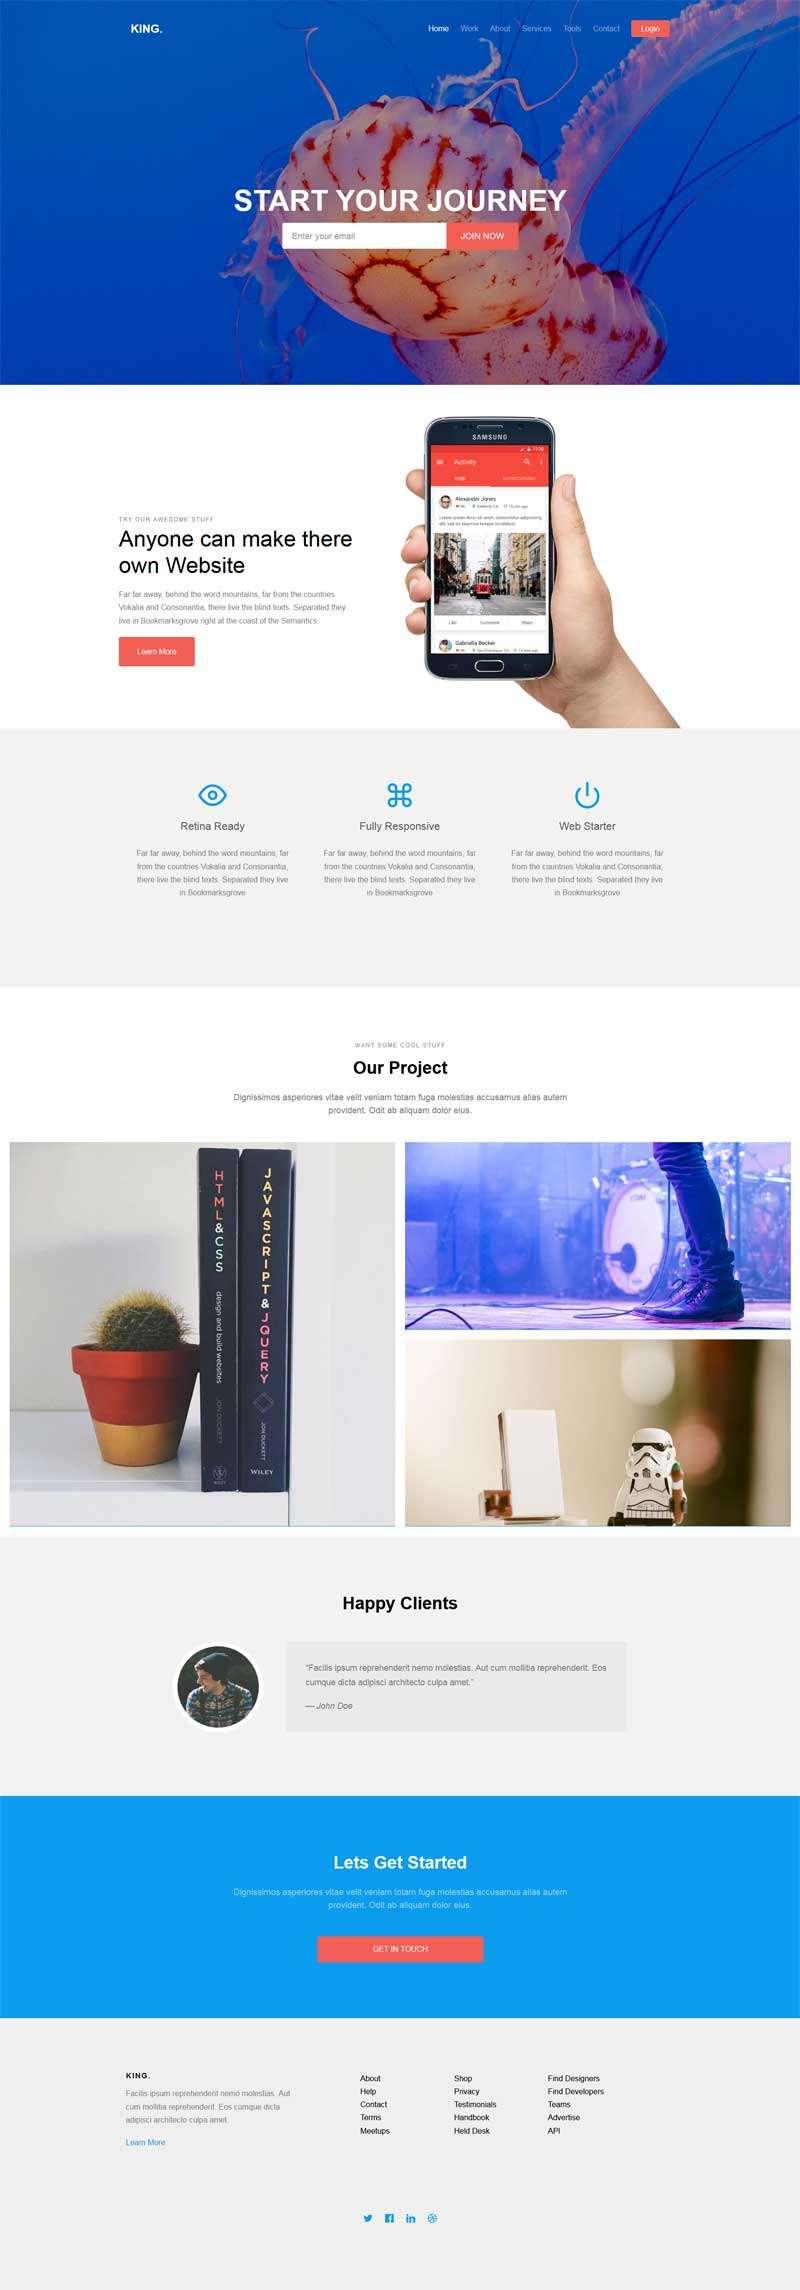 简单通用的广告公司作品展示html5动画模板